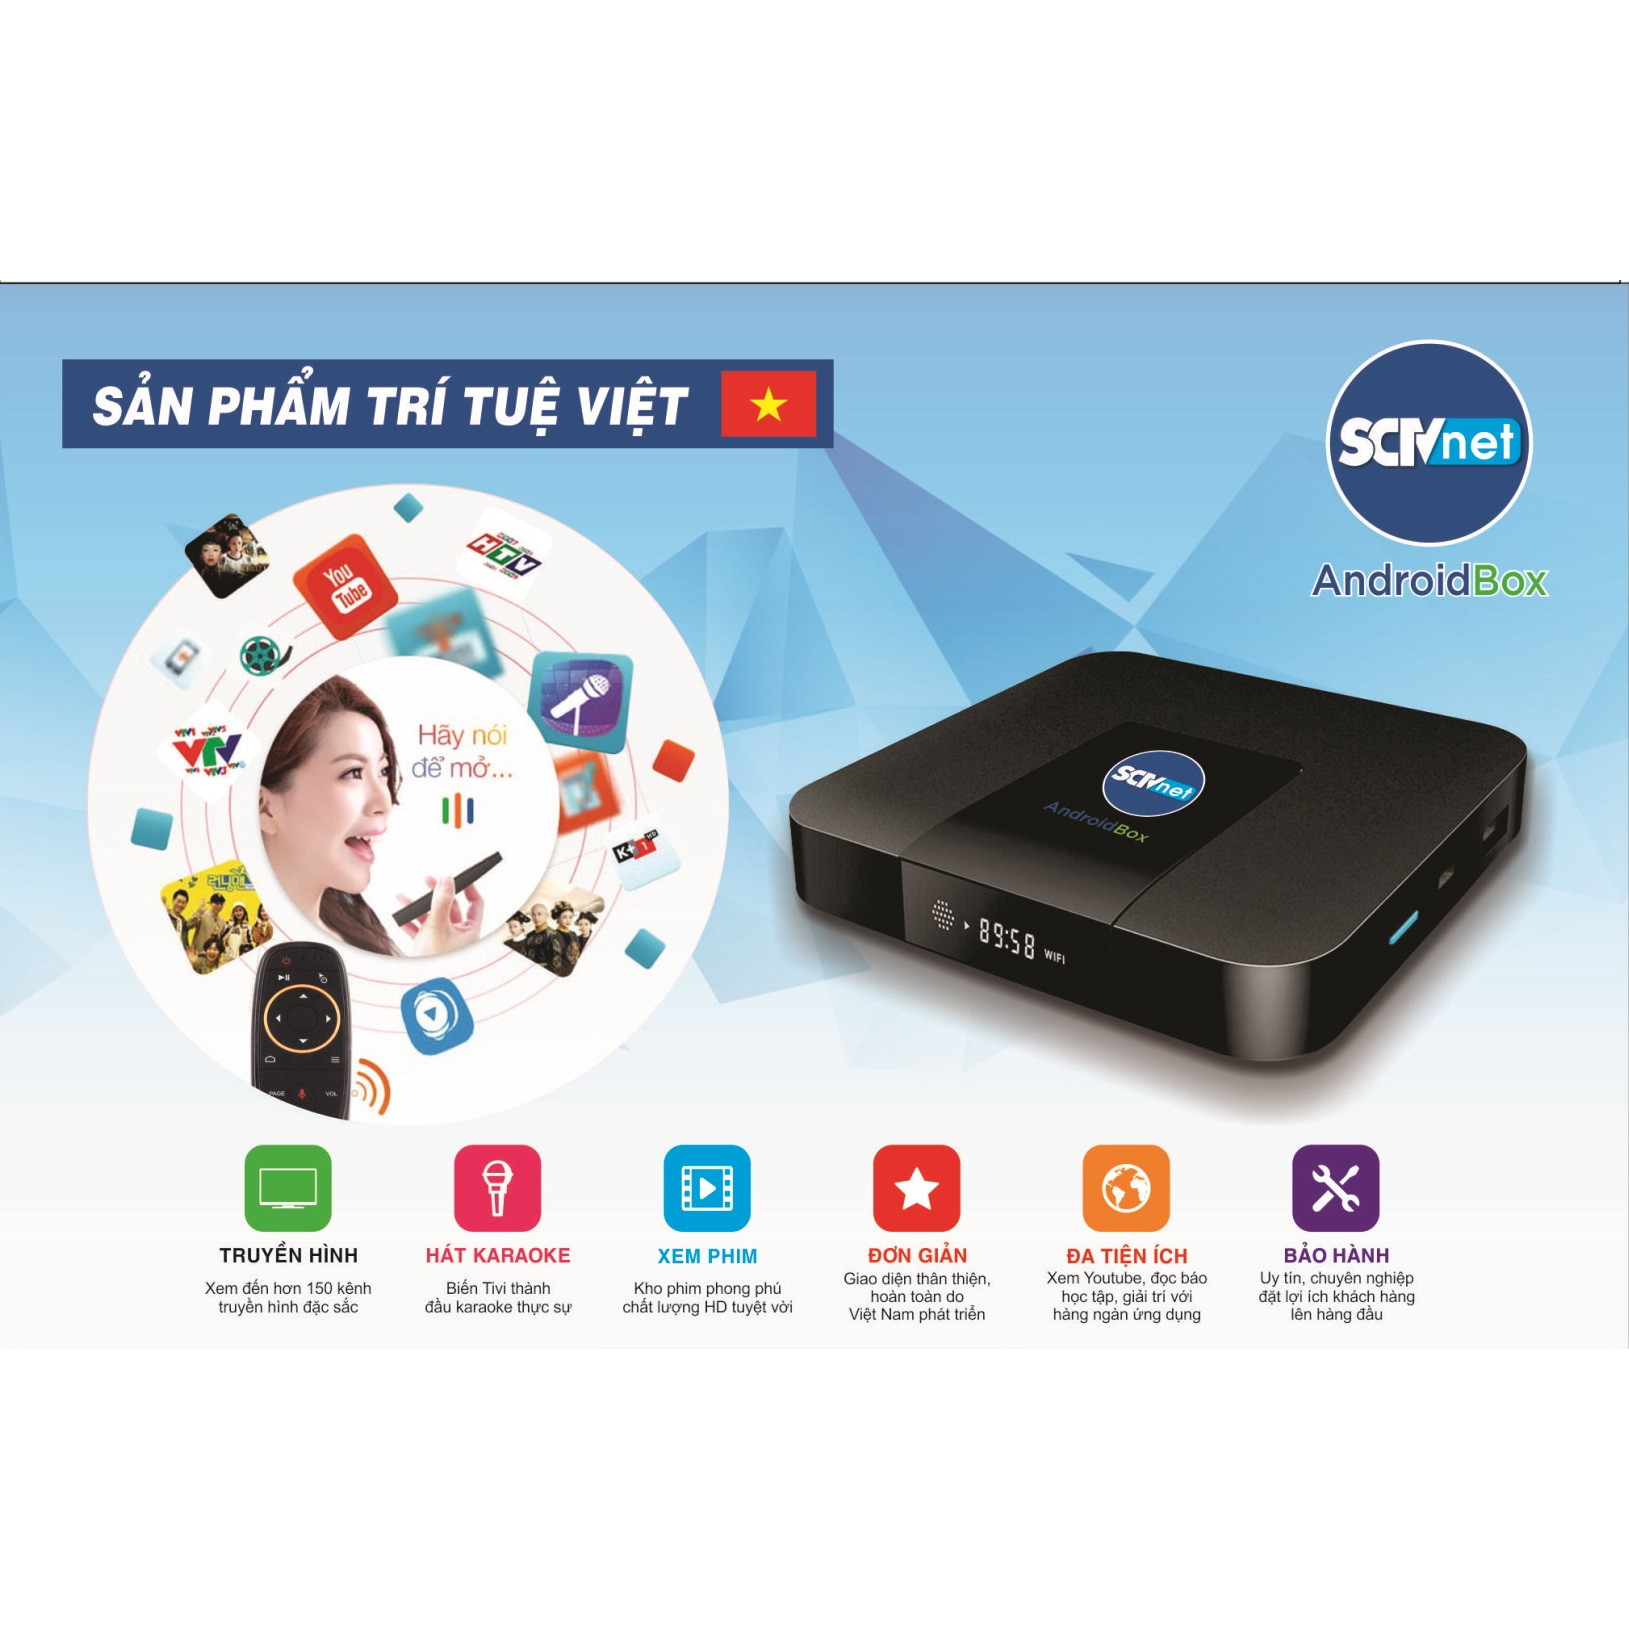 SCTV Android Box Cao cấp S2 2020 đỉnh cao công nghệ ( HĐH Android TV 9, Điều khiển giọng nói 1 chạm, chuột bay , Kết nối Bluetooth không dây, Hình ảnh 4K, Cổng âm thanh quang Optical ) - Tặng gói giải trí bản quyền Family - Hàng chính hãng